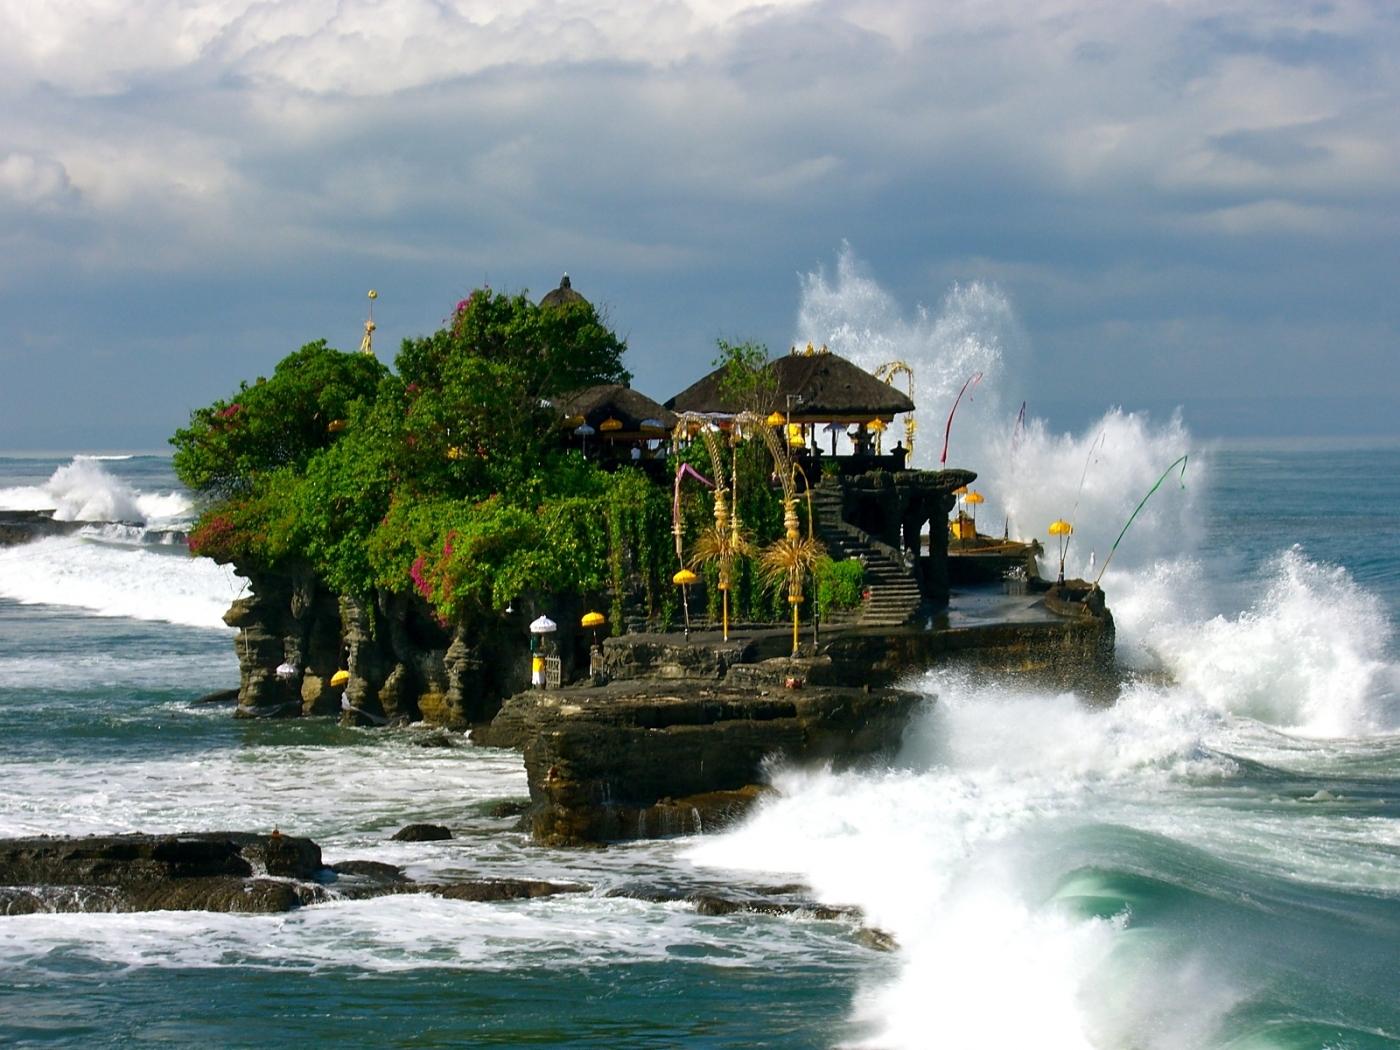 28877 скачать обои Пейзаж, Море, Волны - заставки и картинки бесплатно